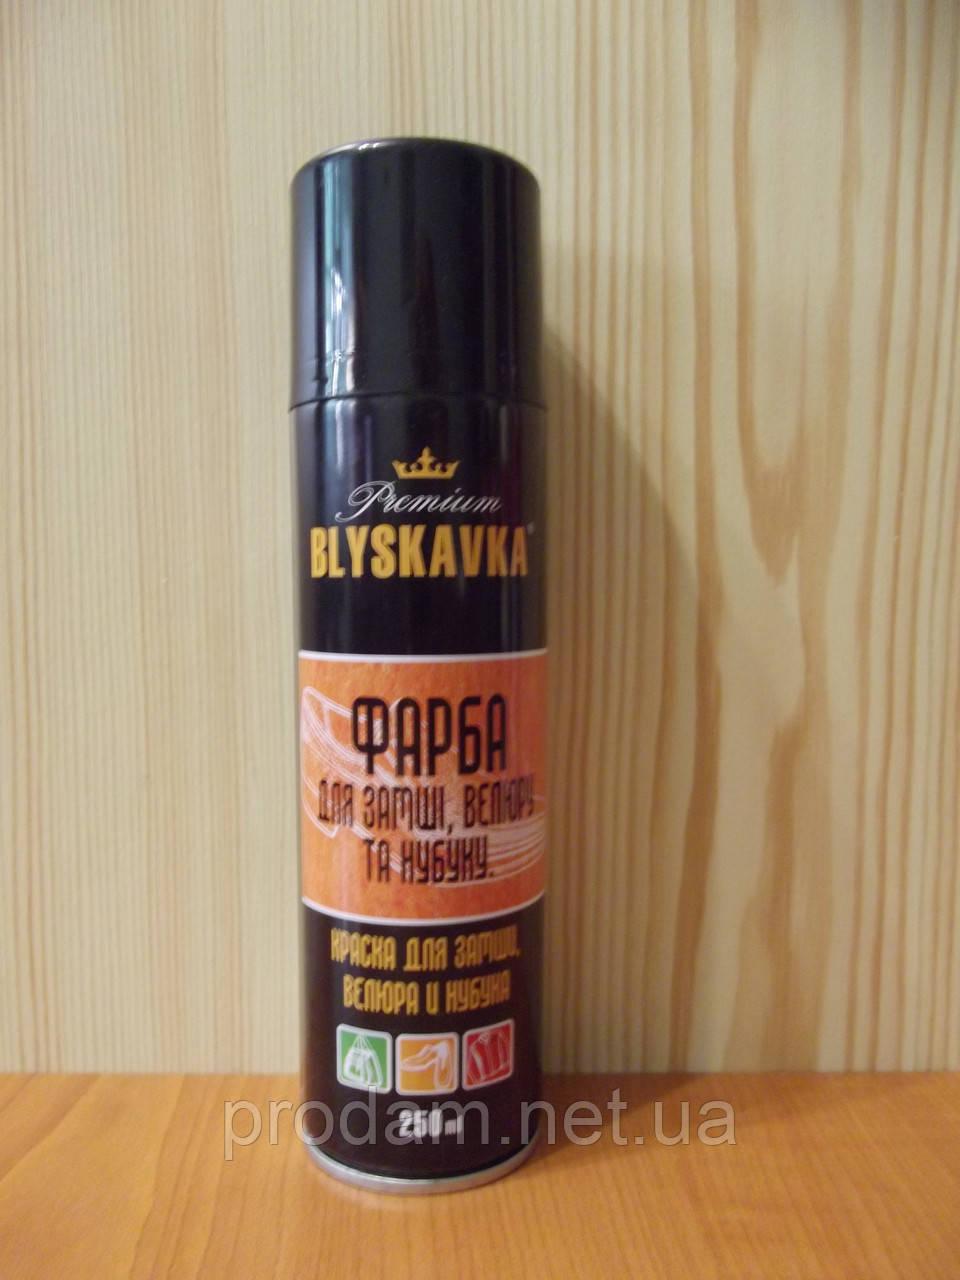 Фарба аерозоль для гладкой кожи 250 мл чорная BLYSKAVKA